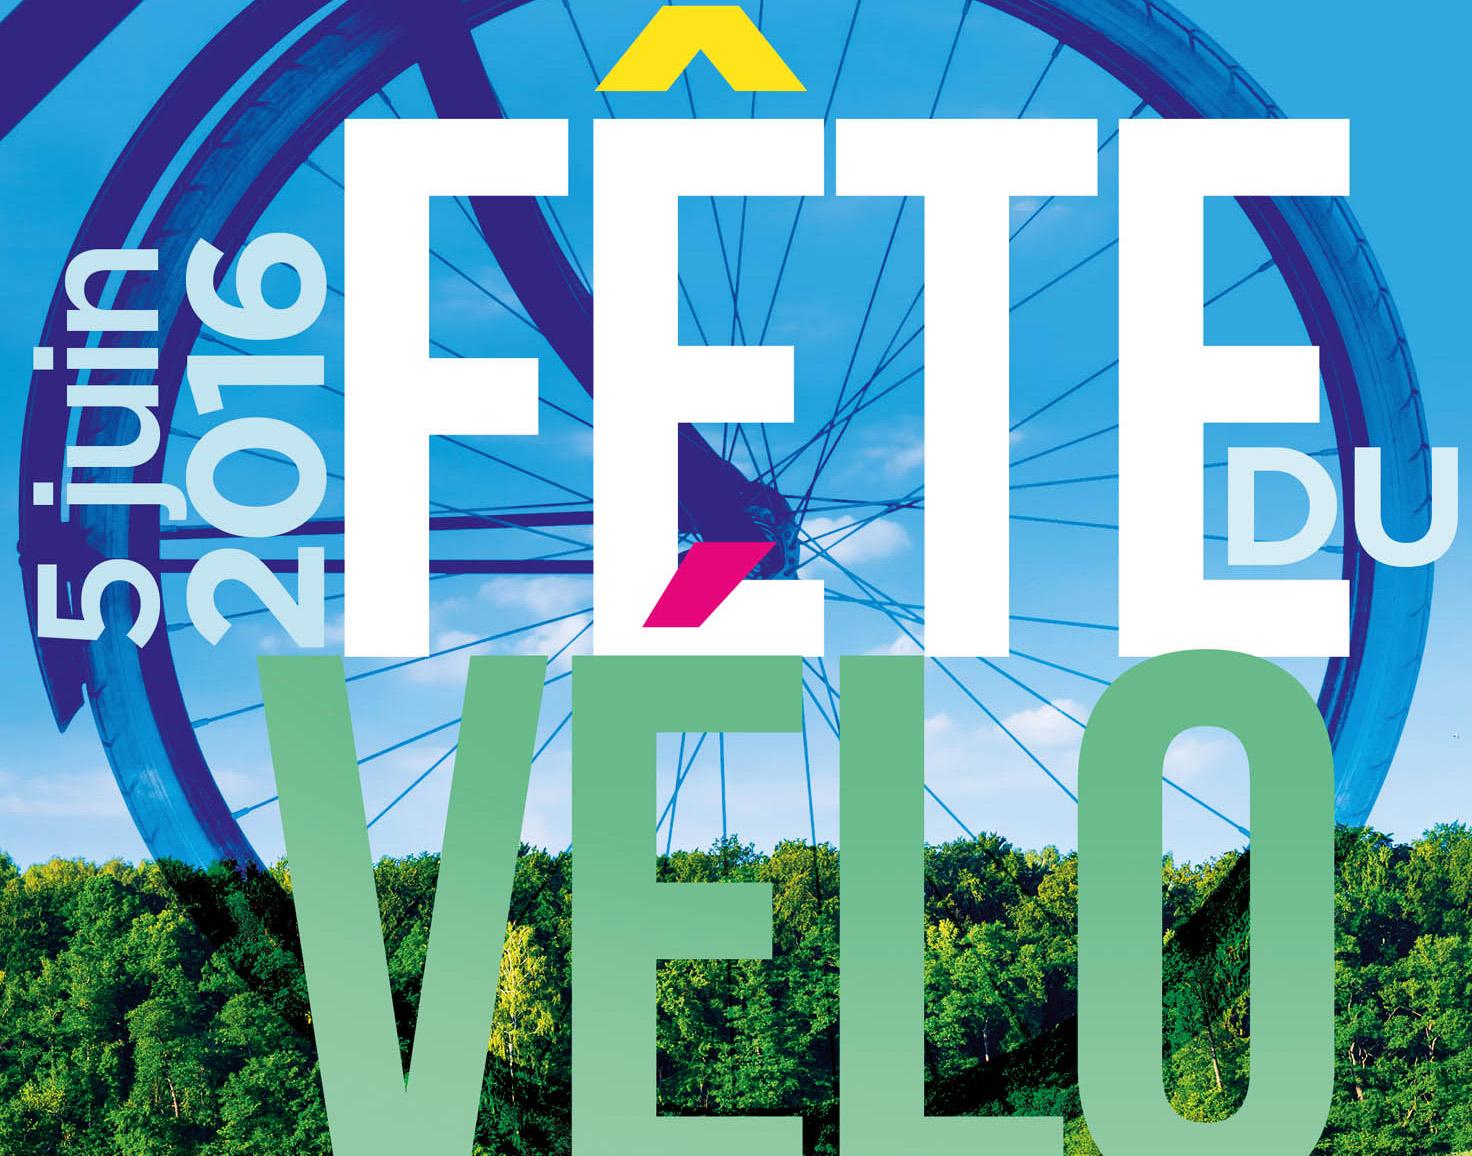 Présence de Greenmarks et Bike Center lors de la fête du vélo de Nantes